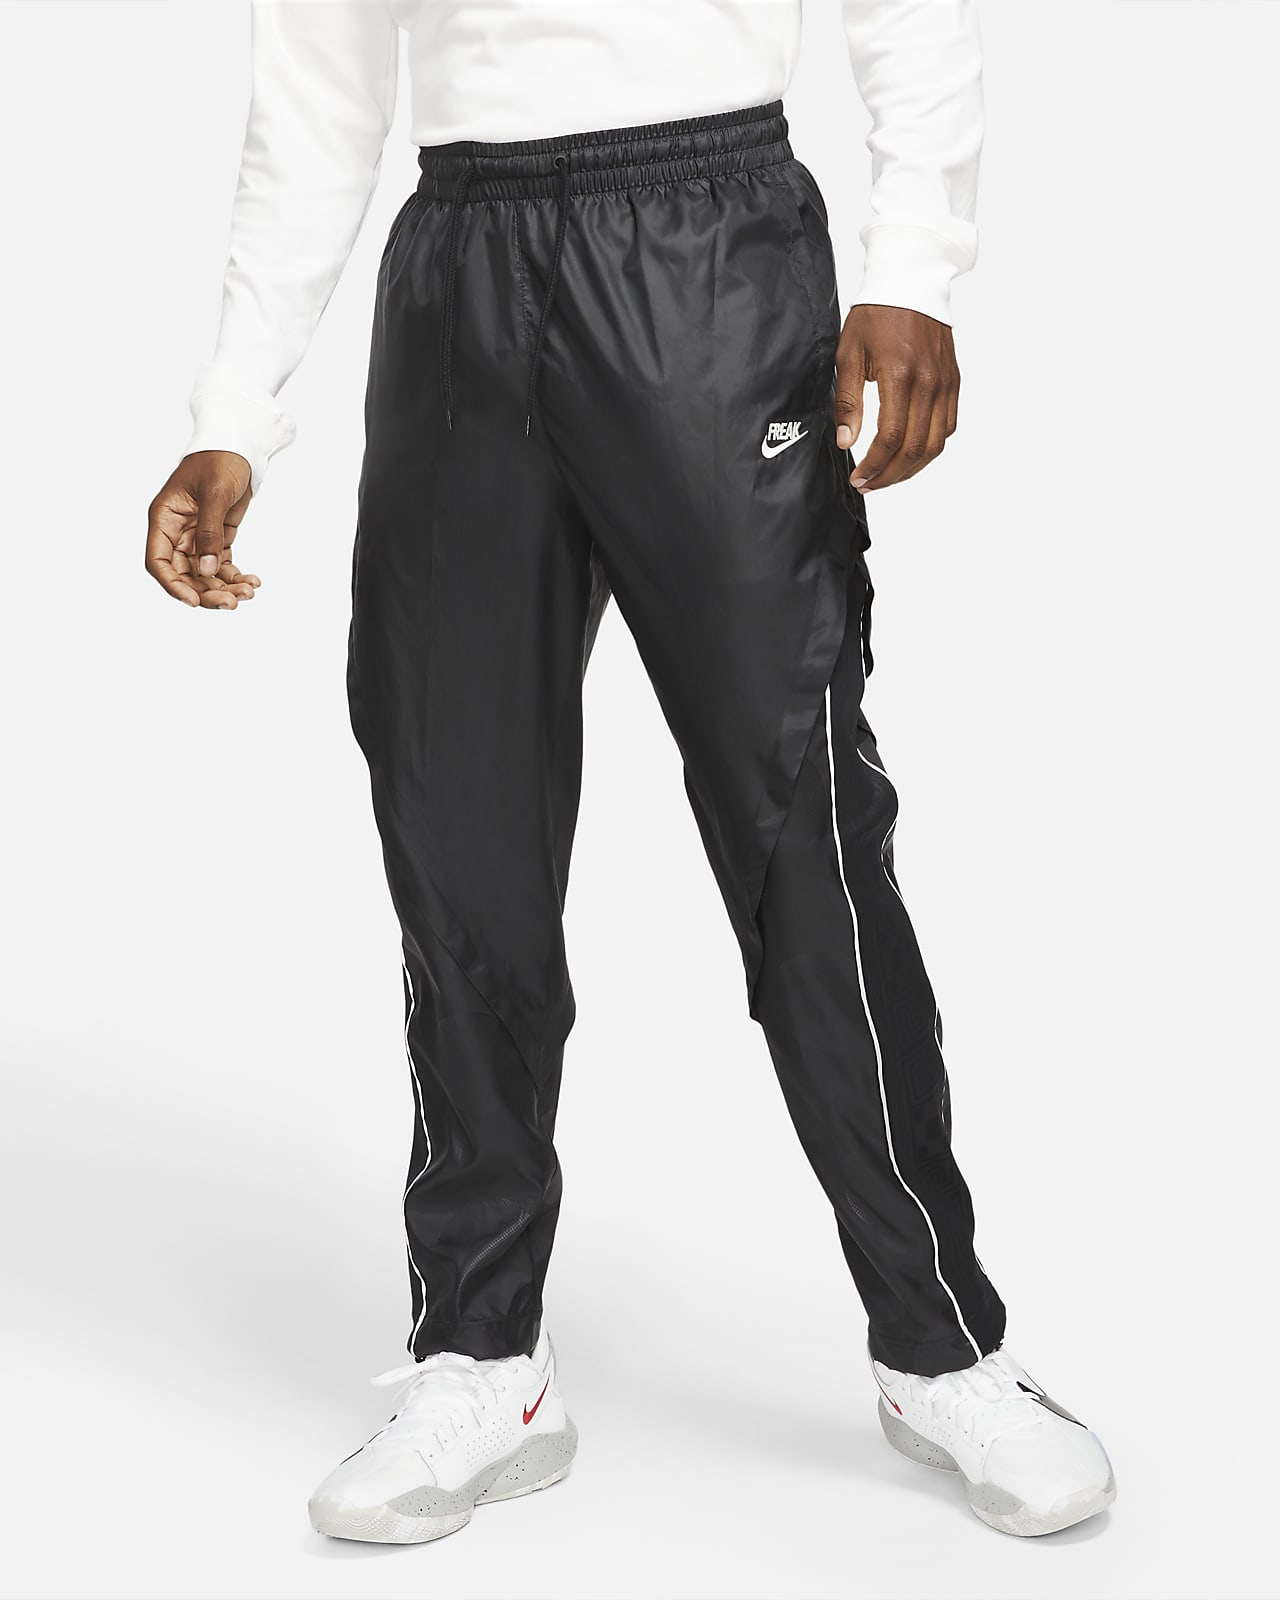 Giannis Leichte Track-Pants Trainingshose für Herren